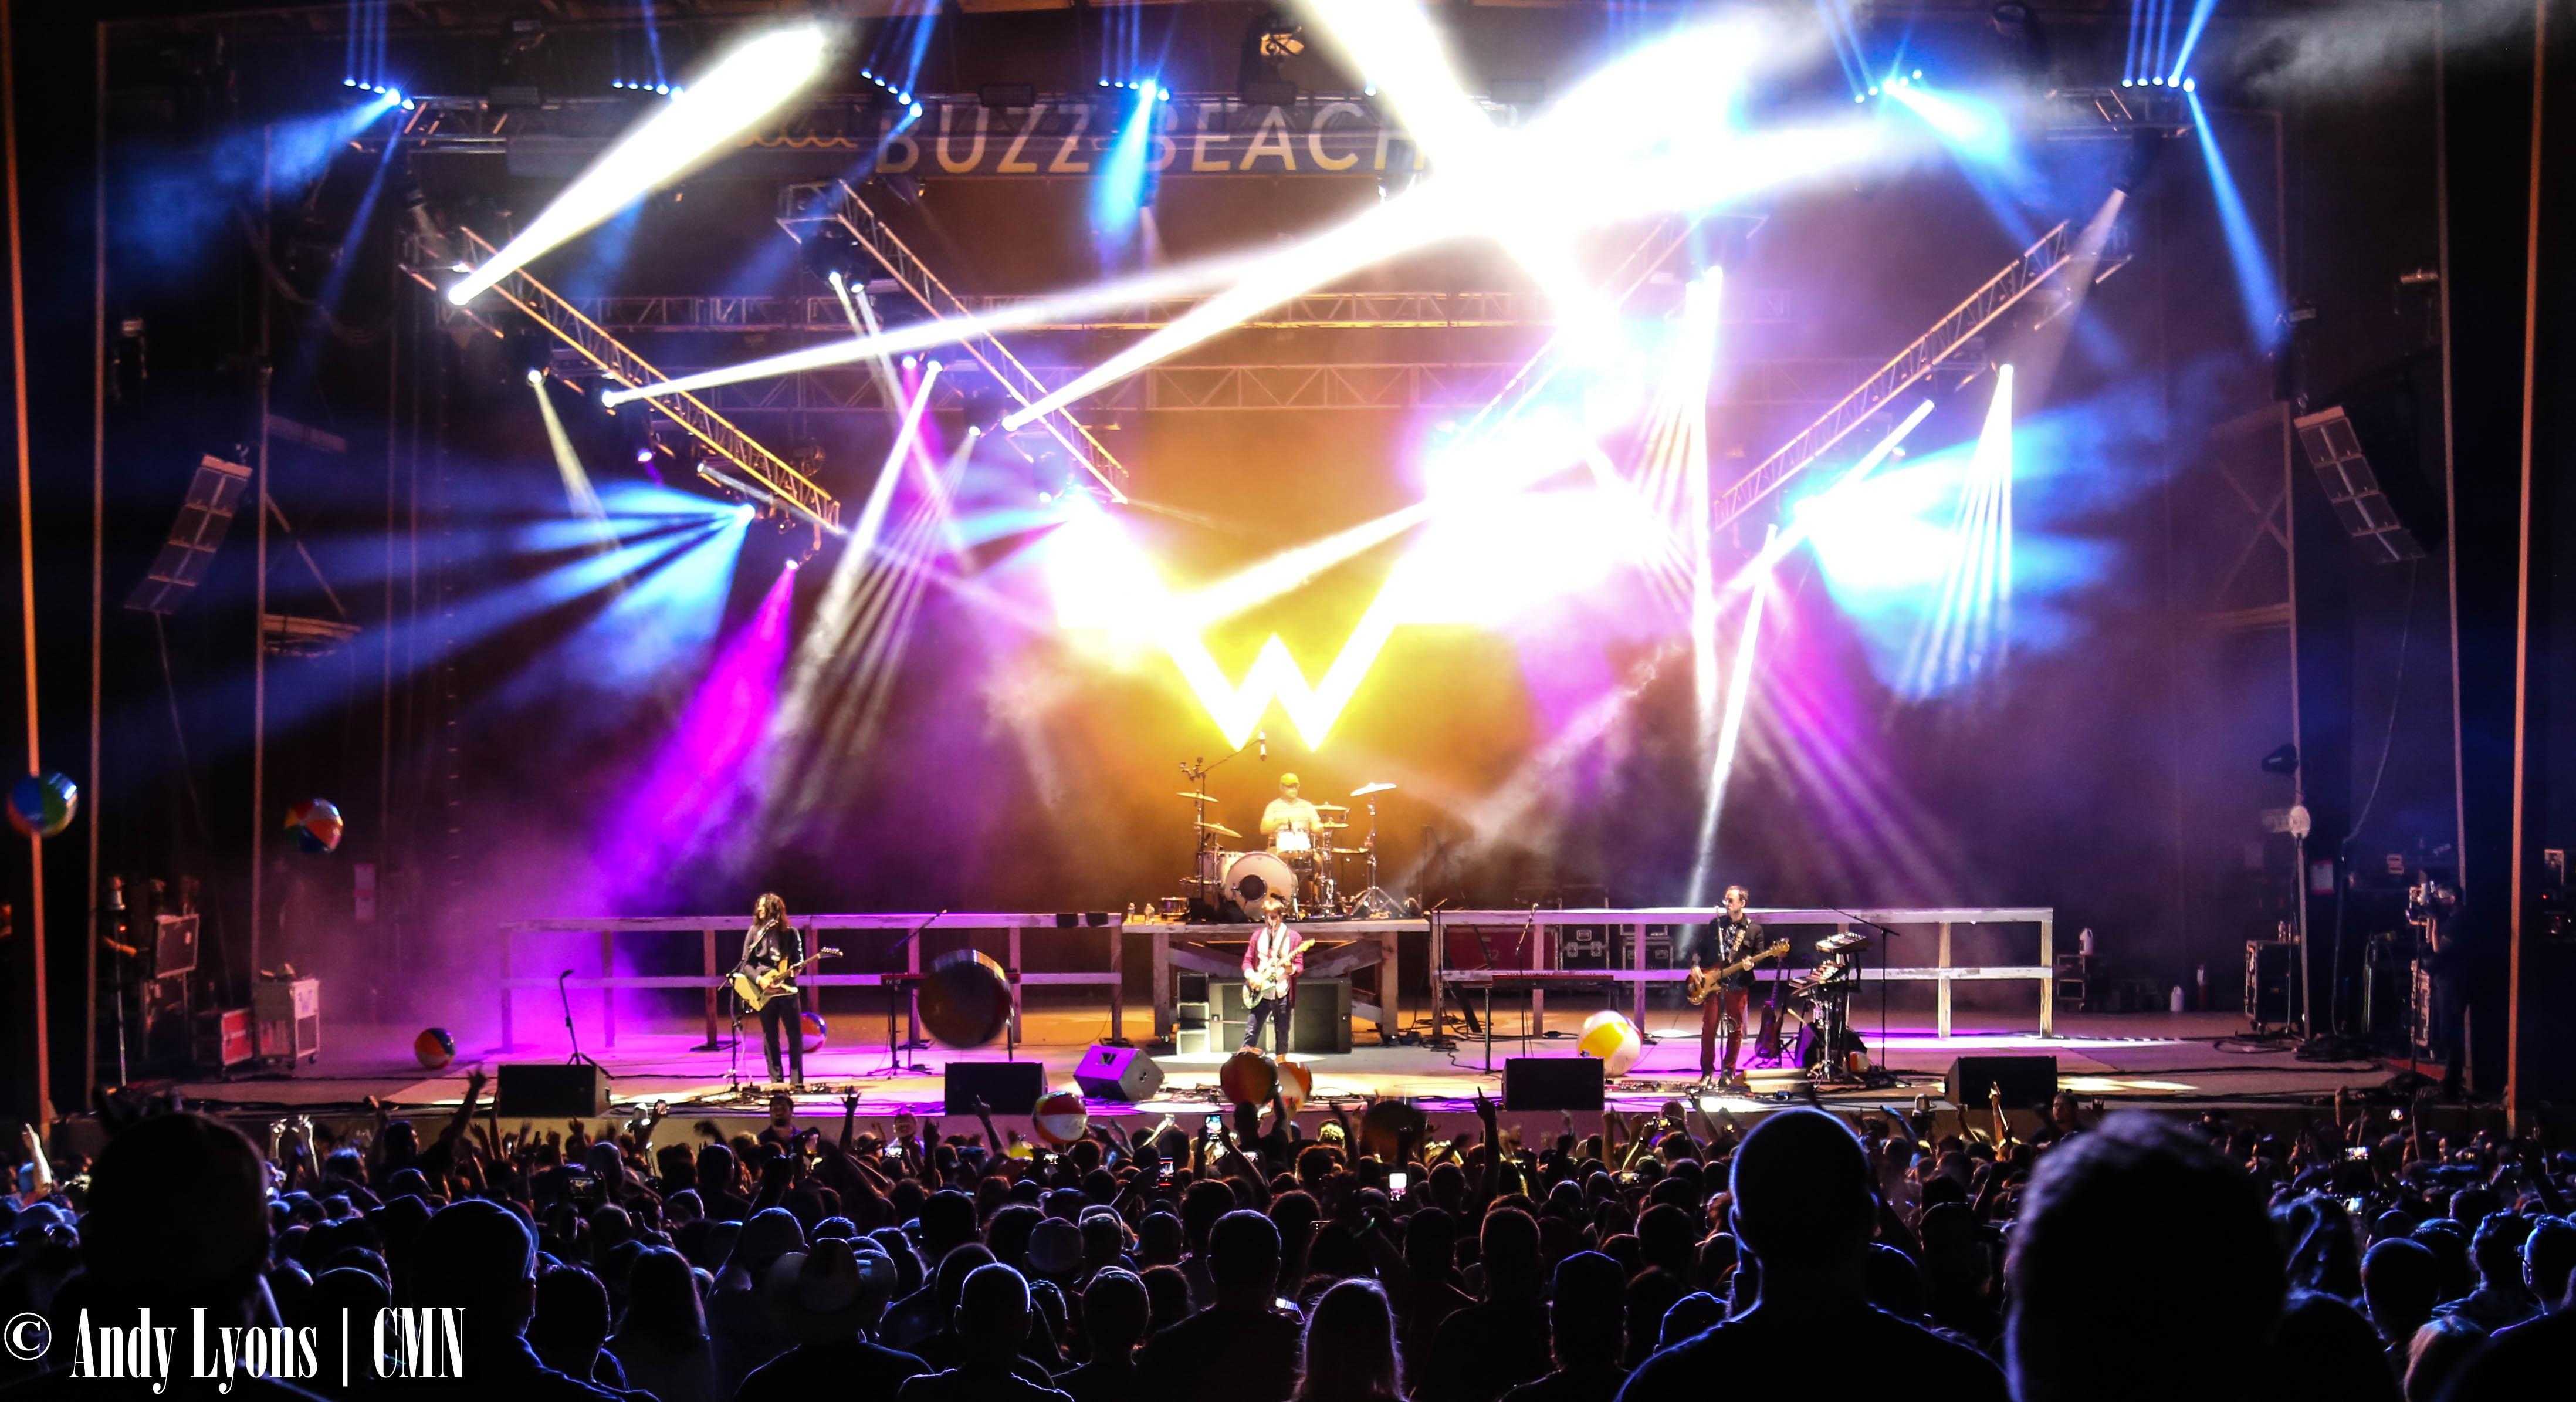 Snoop Dogg, Weezer headline mellow weekend at Buzz Beach Ball